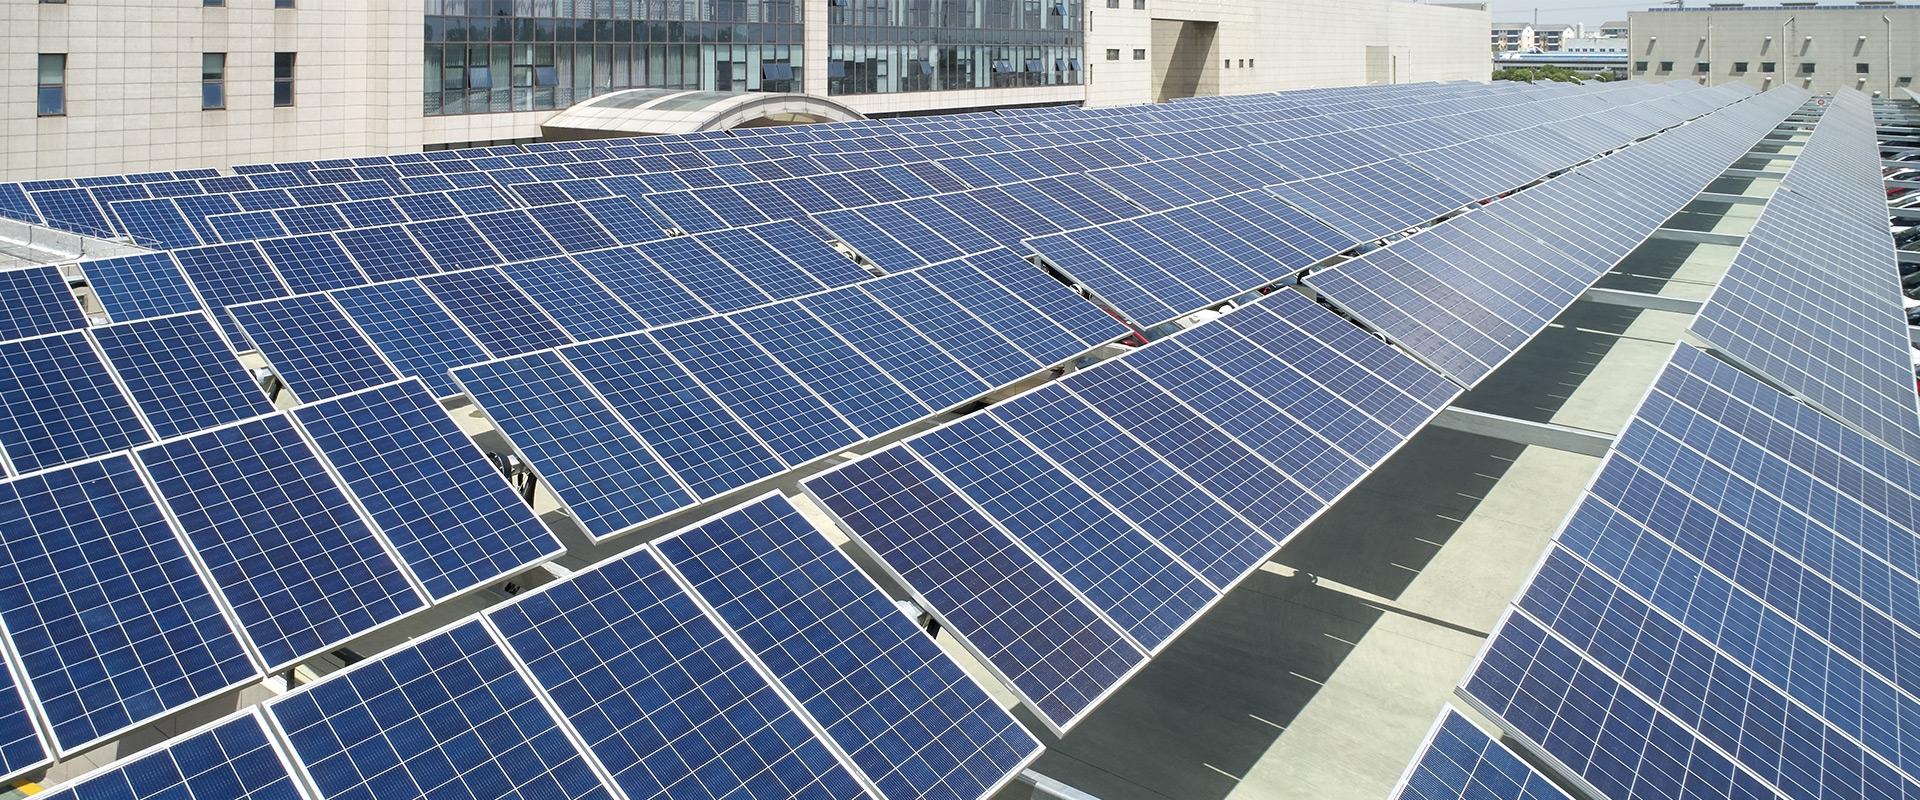 Il grande ritorno dell'elettricità: pompe di calore, impianti fotovoltaici, veicoli elettrici